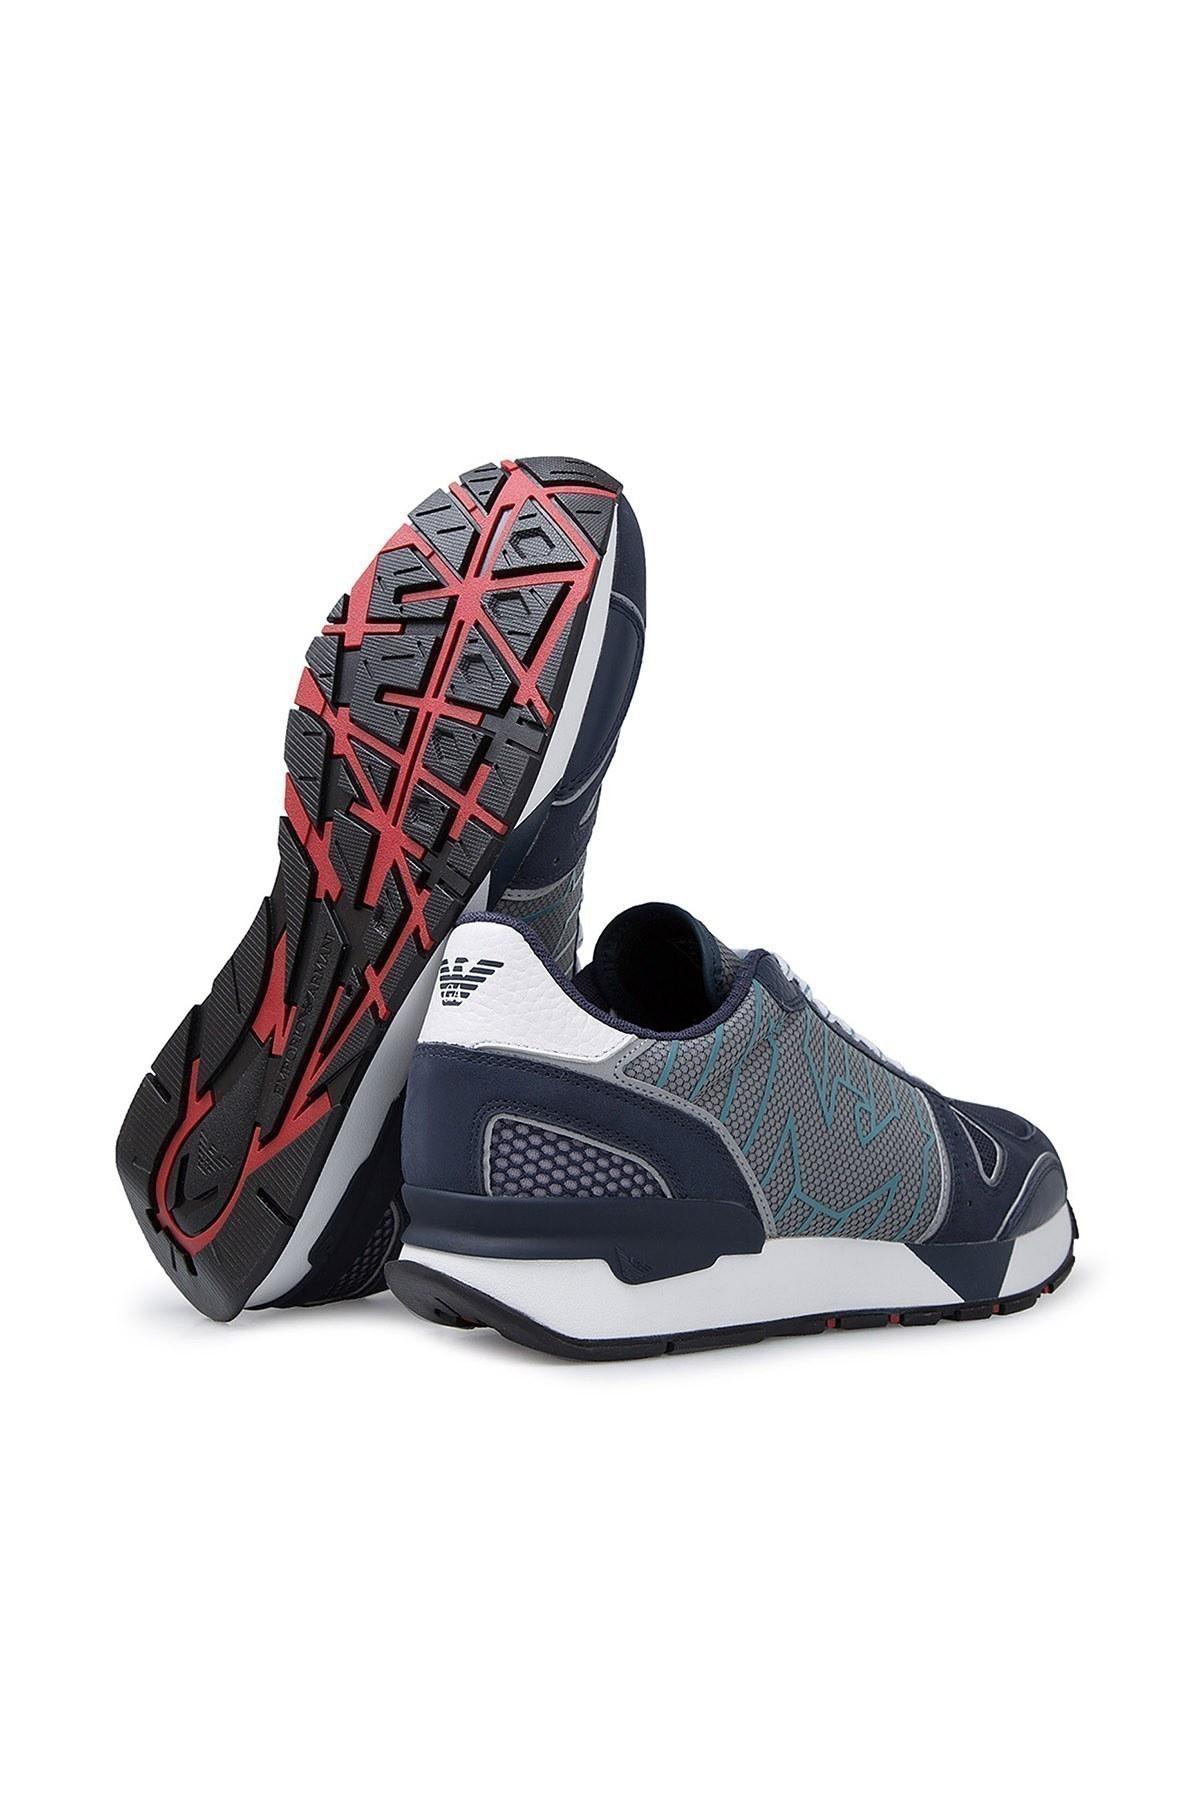 Emporio Armani Erkek Ayakkabı X4X289 XM232 R200 LACİVERT